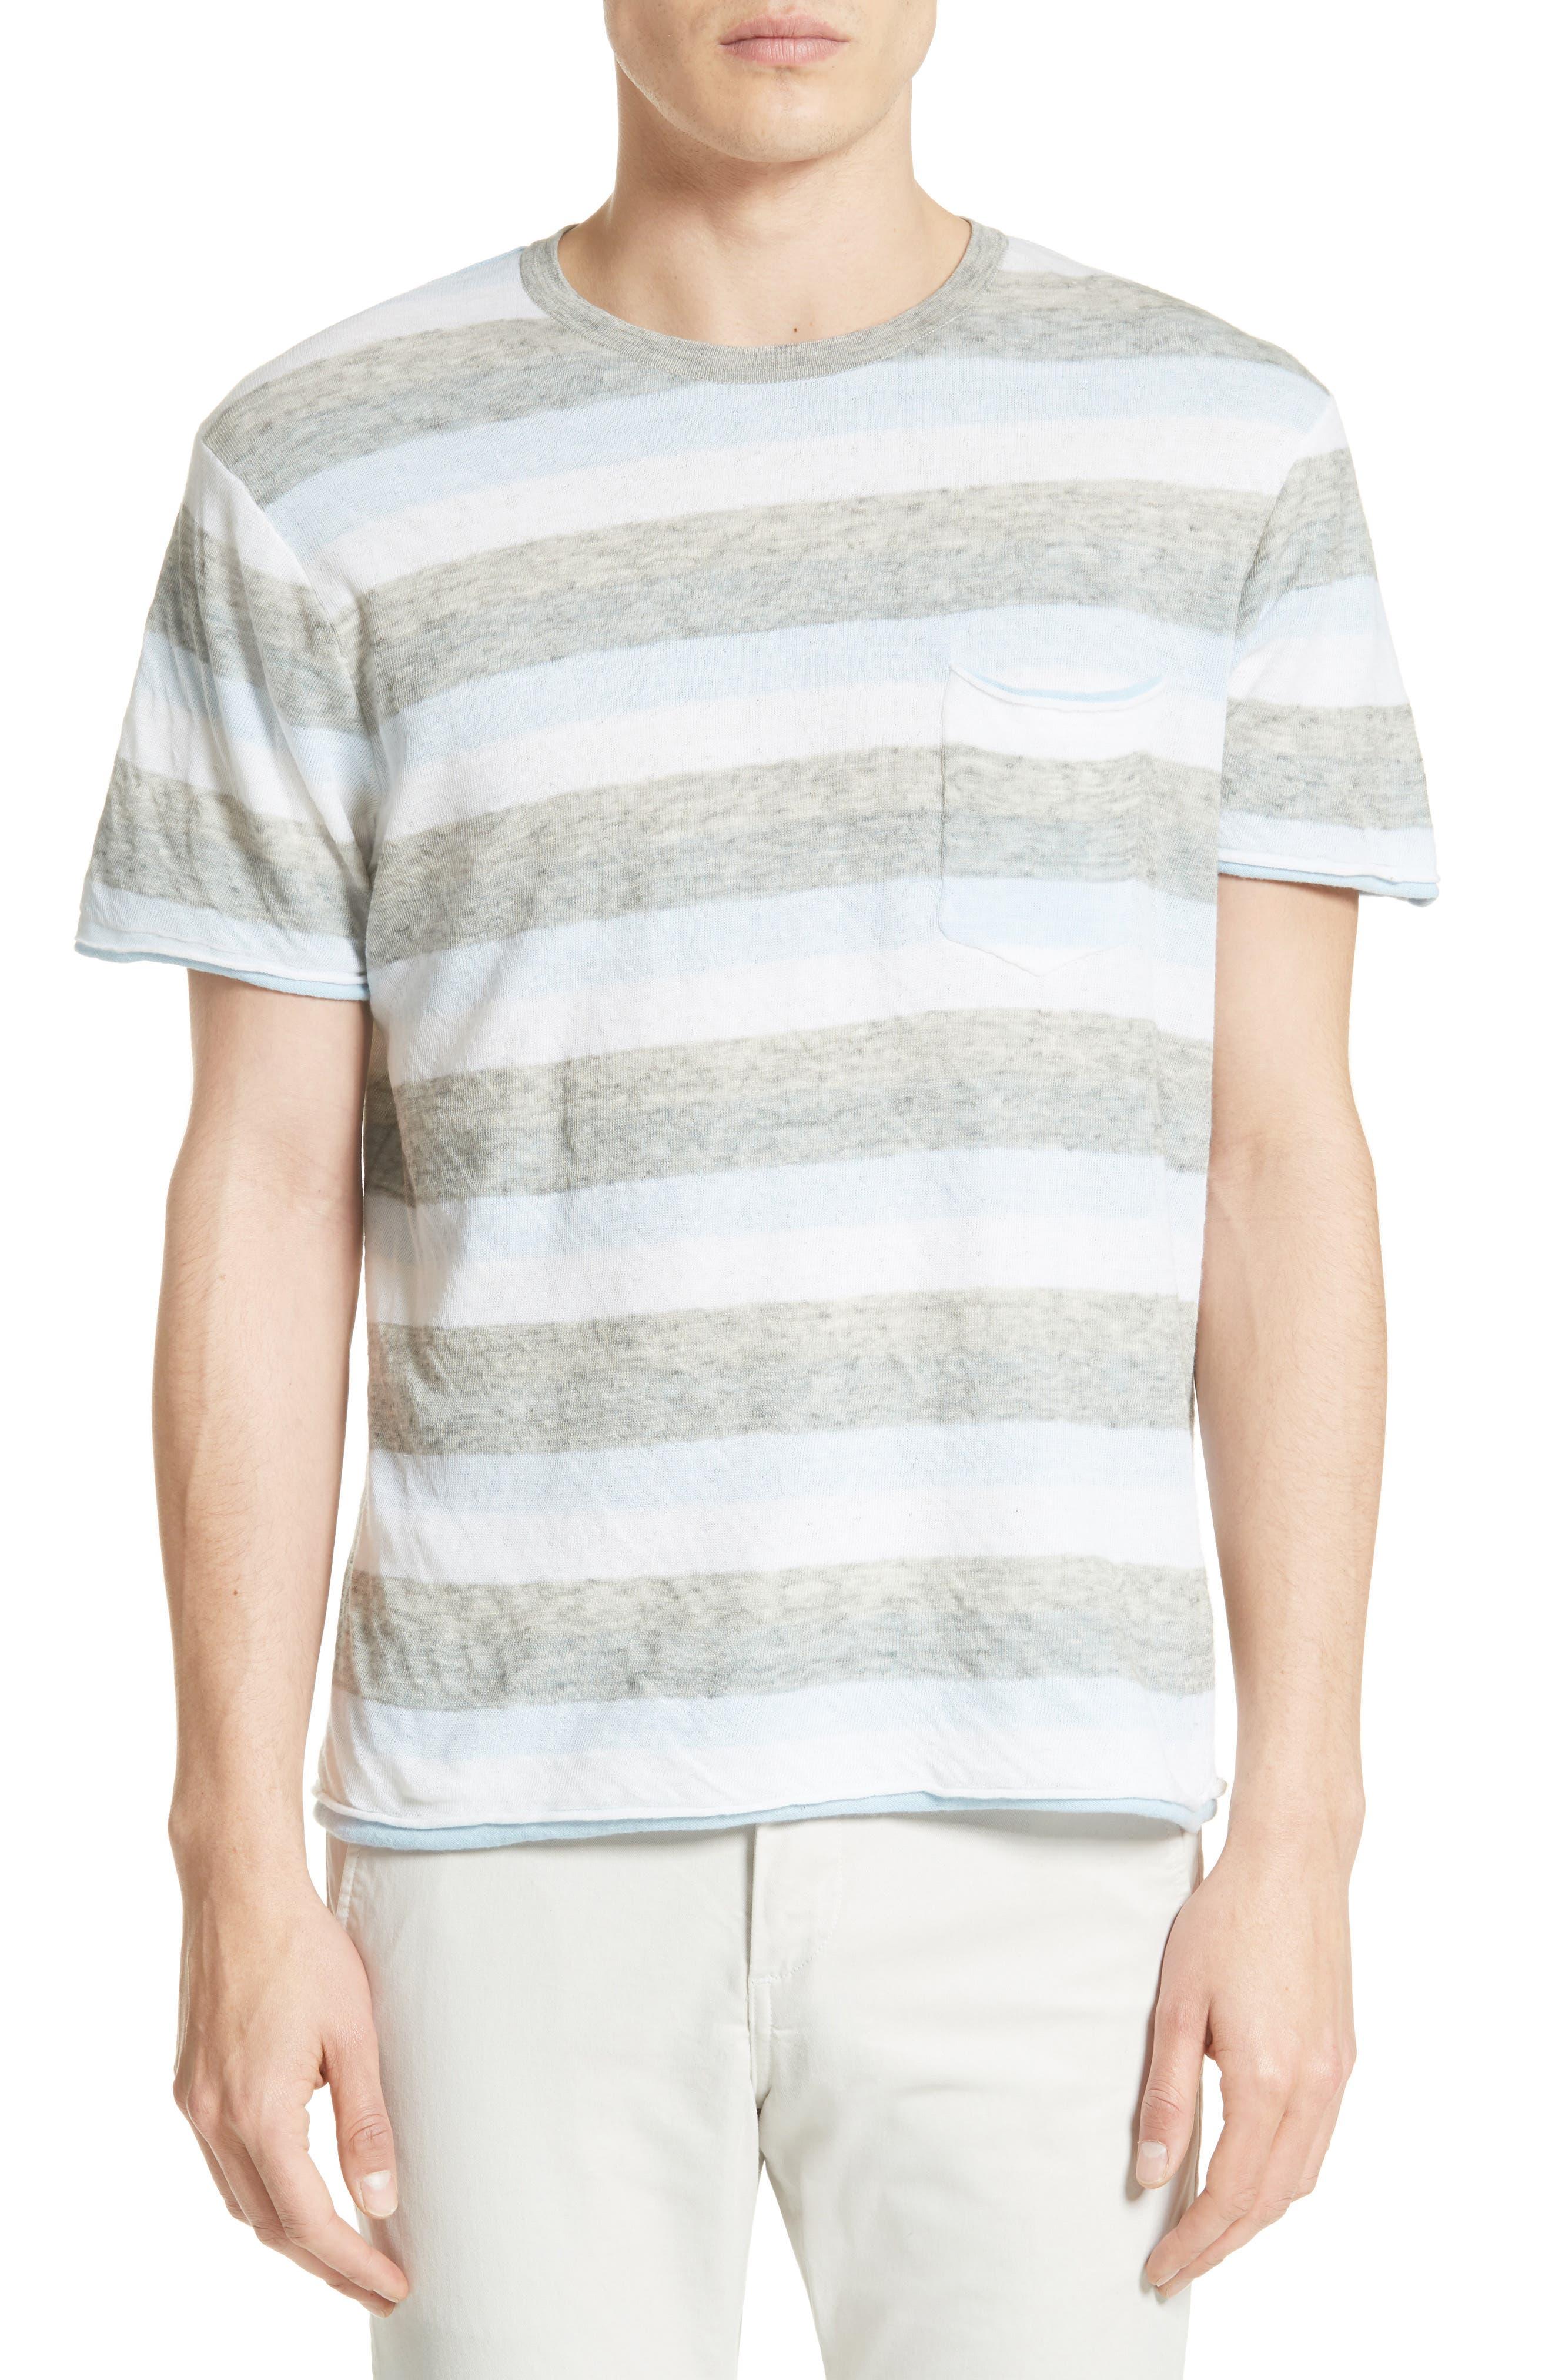 Alternate Image 1 Selected - rag & bone Tripp Cotton & Wool T-Shirt